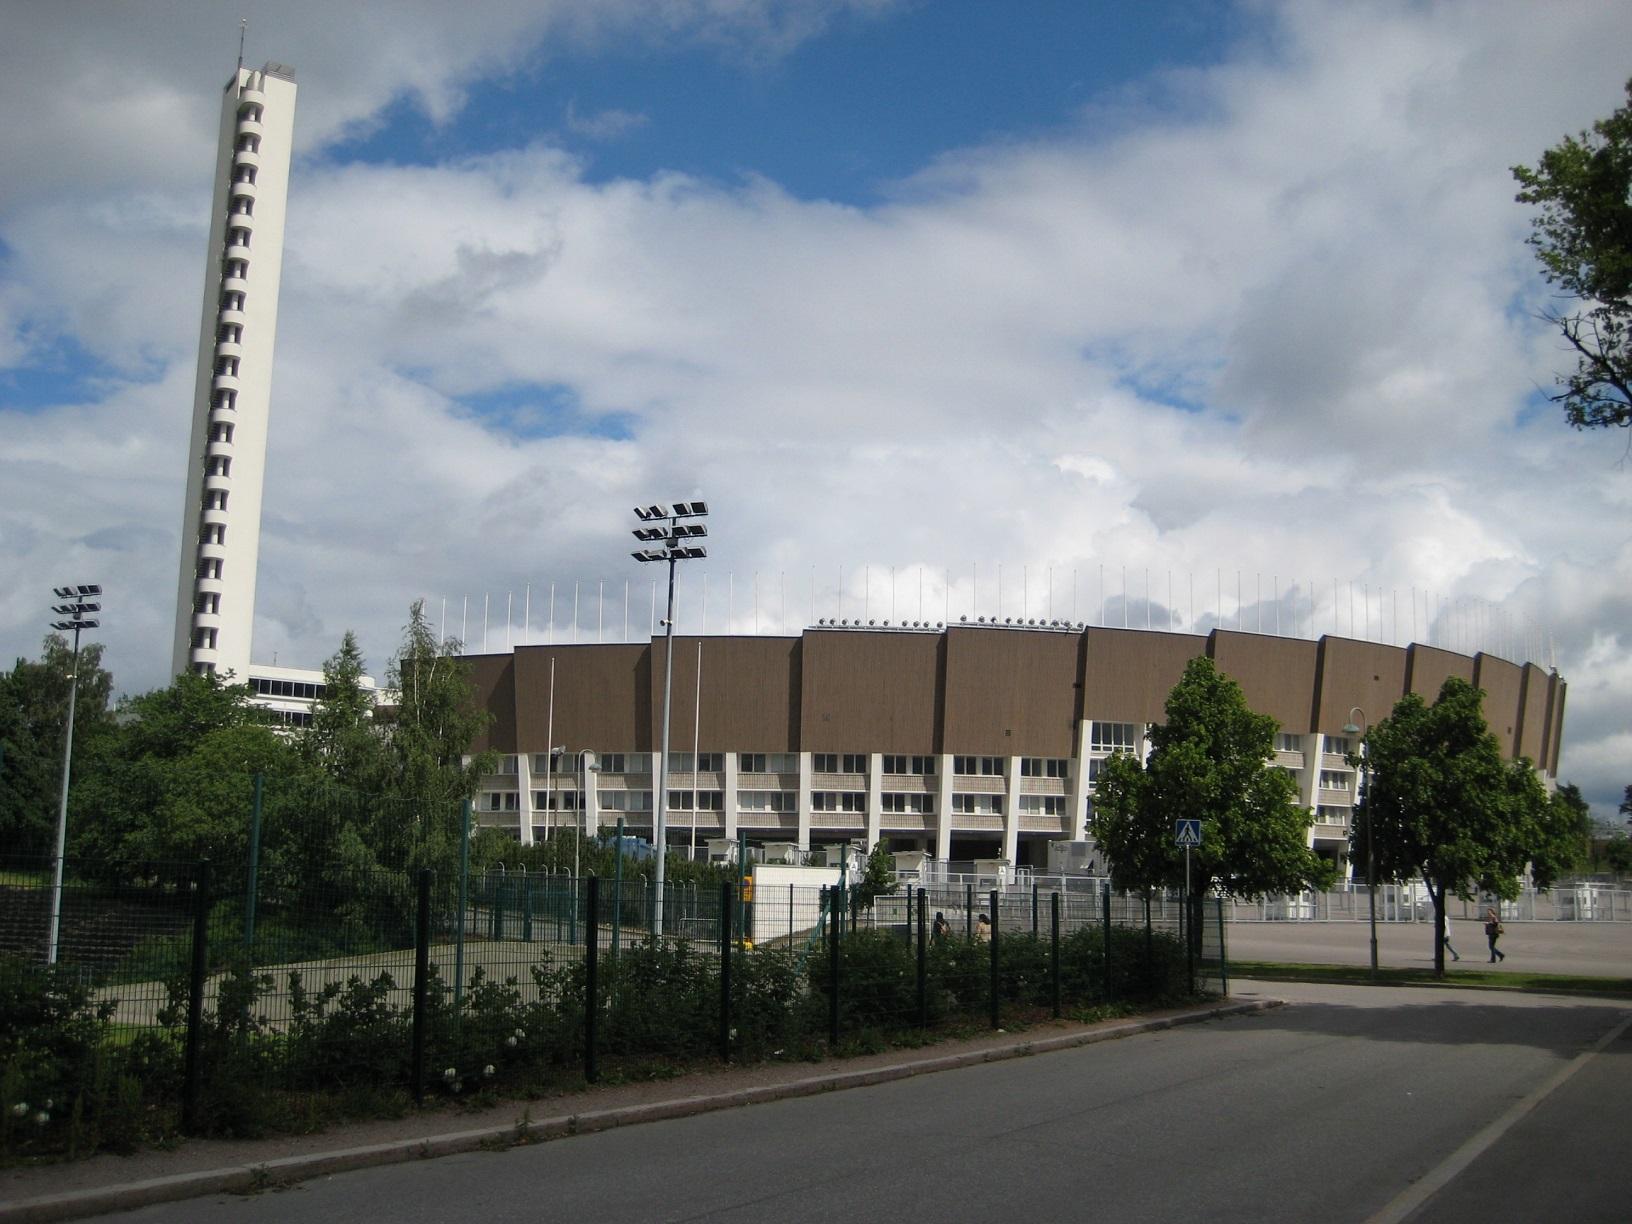 Das altehrwürdige Olympiastadion in Helsinki ist auch in die Jahre gekommen und wird komplett renoviert.